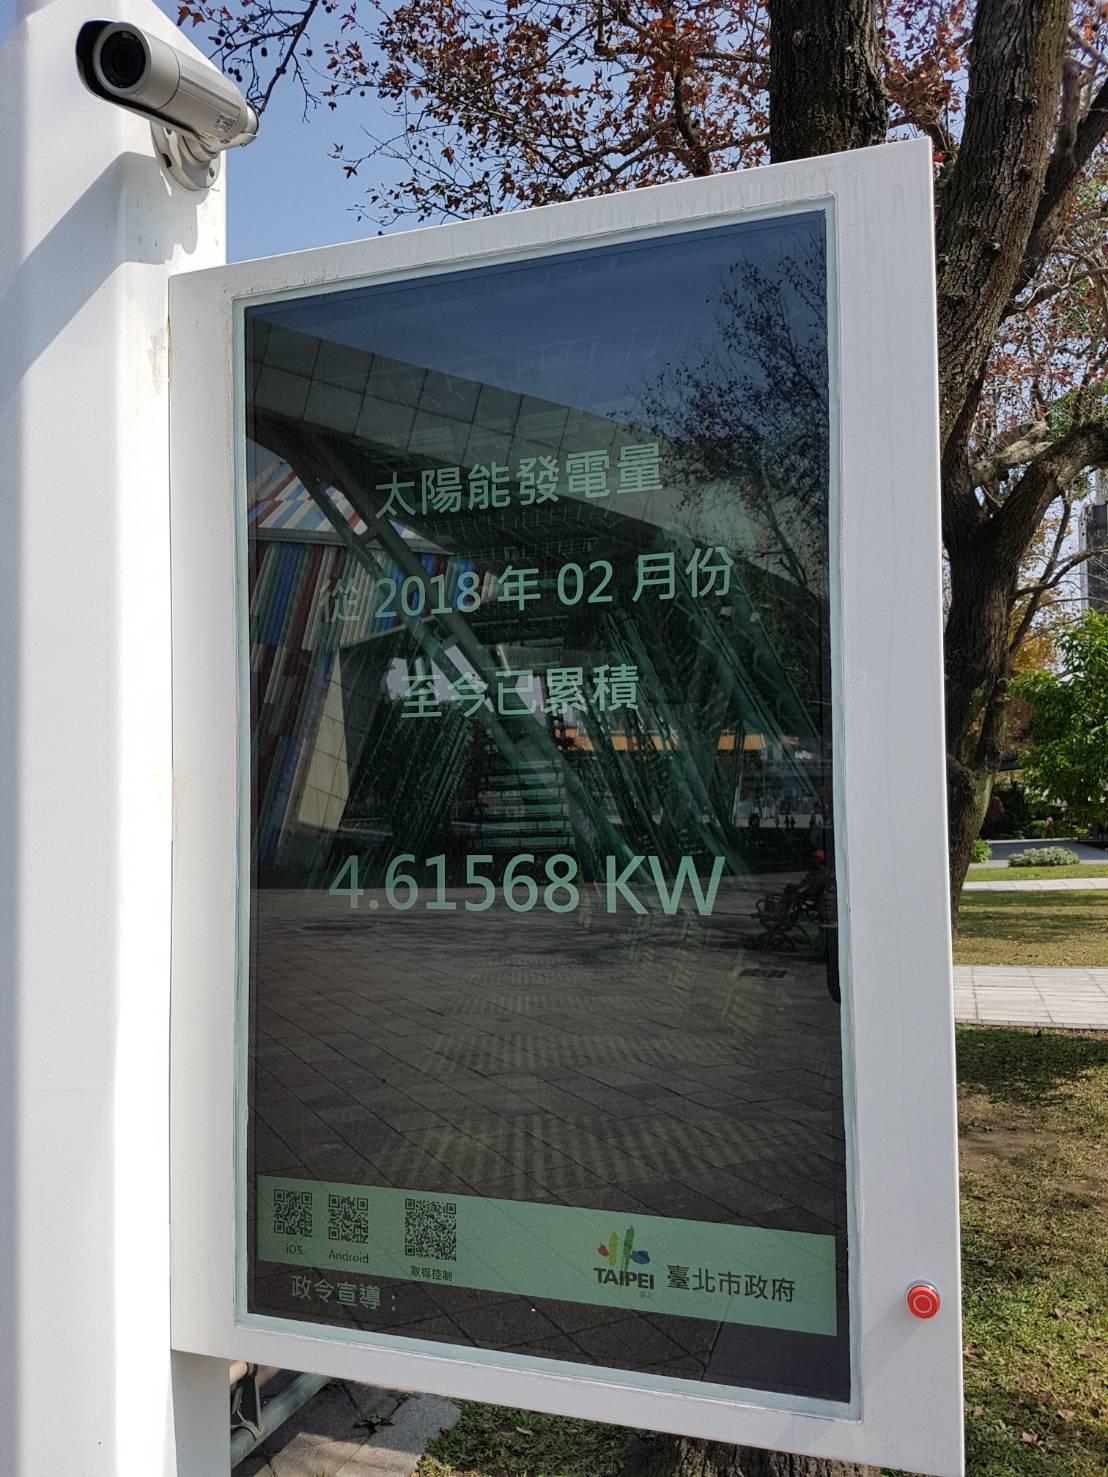 圖7.多功能路燈數位看板